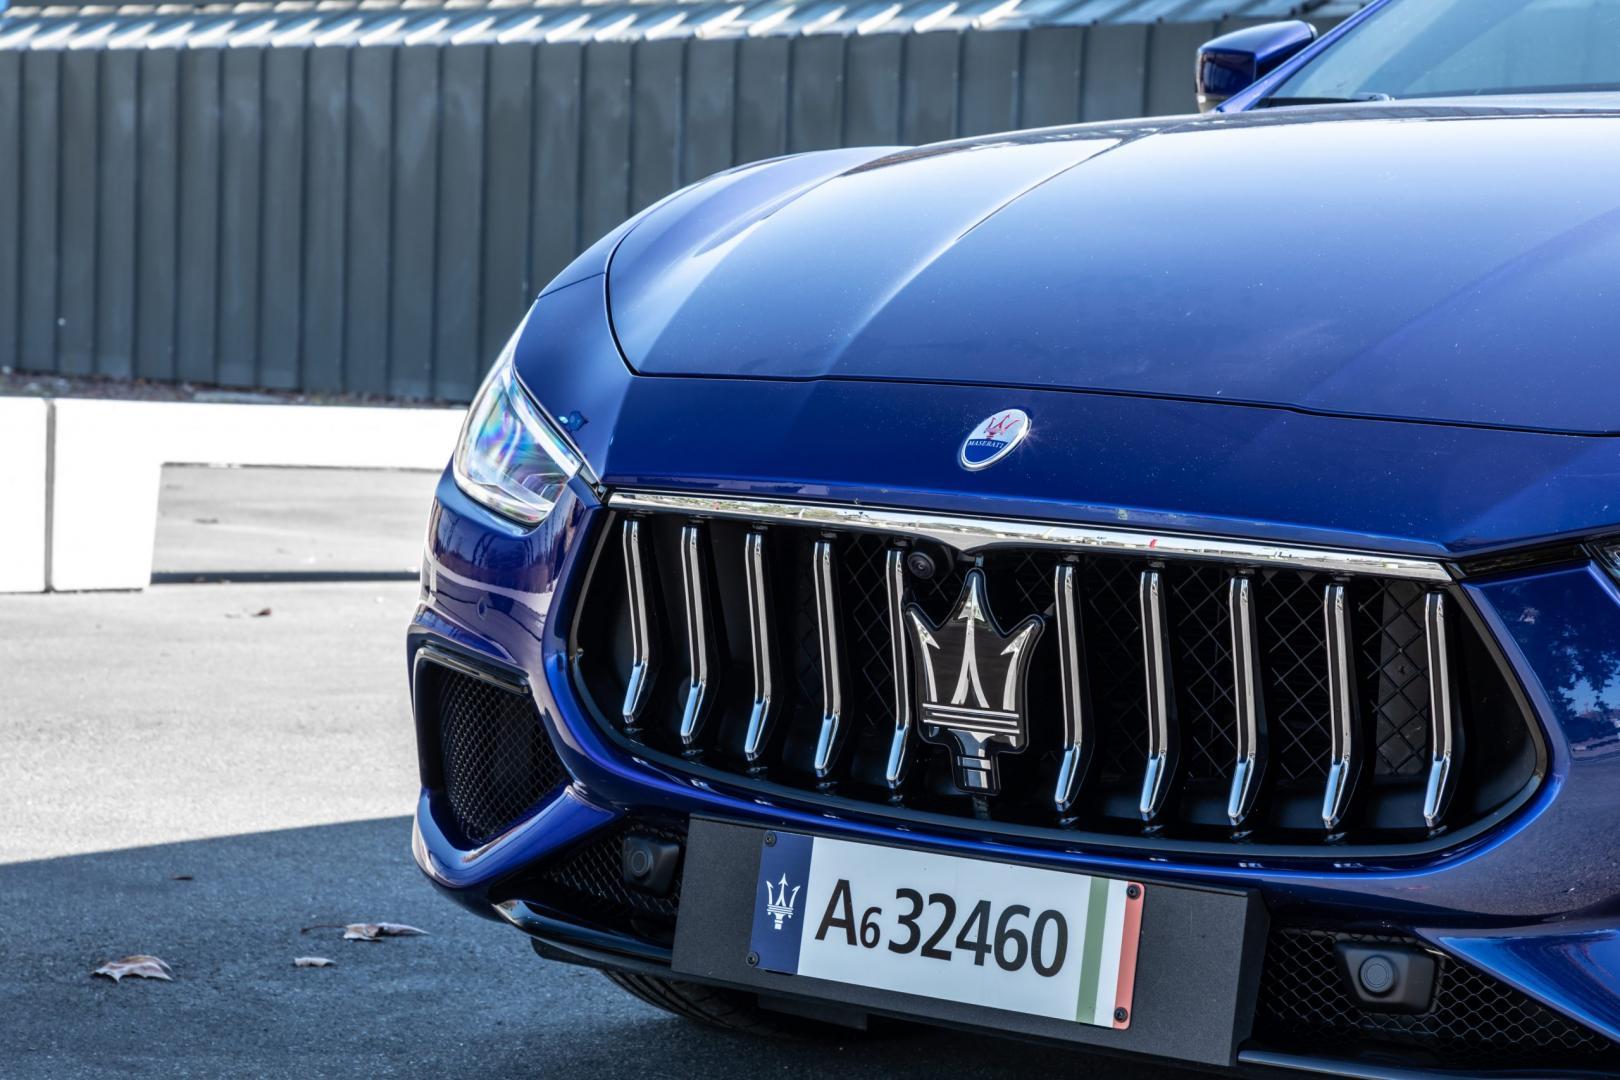 Grille Maserati Ghibli Hybrid